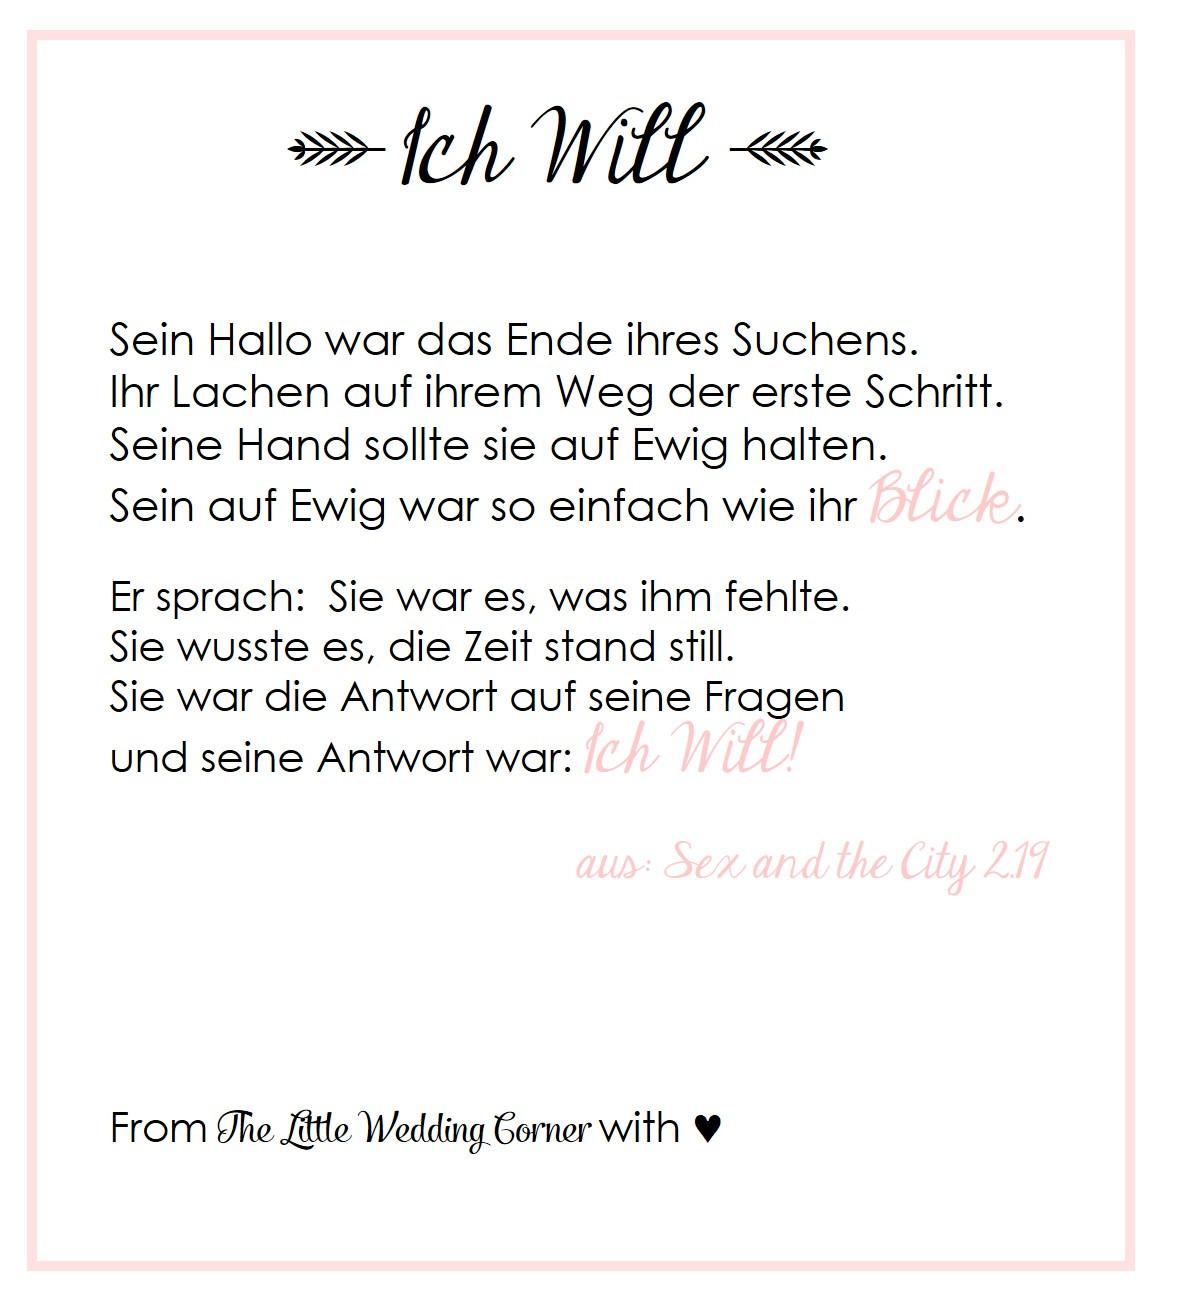 Gedicht Liebe Hochzeit  Gedicht zur Hochzeit 'I Do' von Carrie aus and the